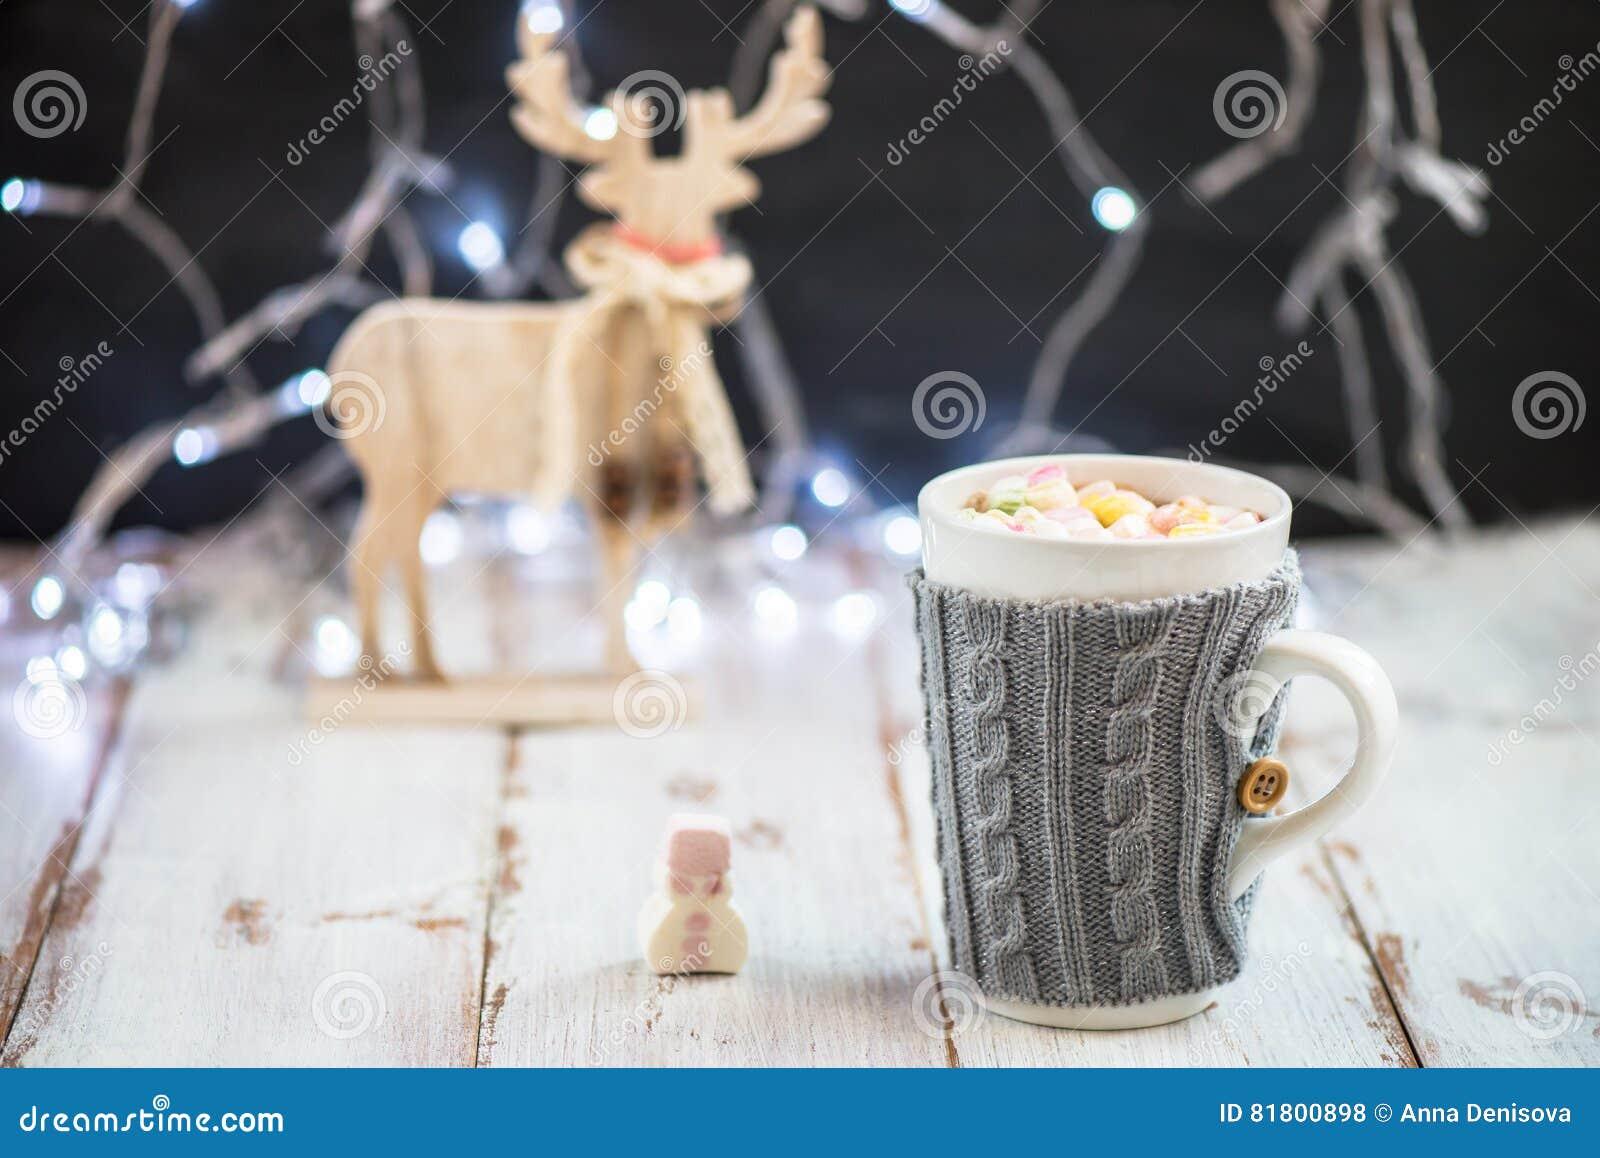 Установка рождества с горячим шоколадом в причудливой кружке свитера